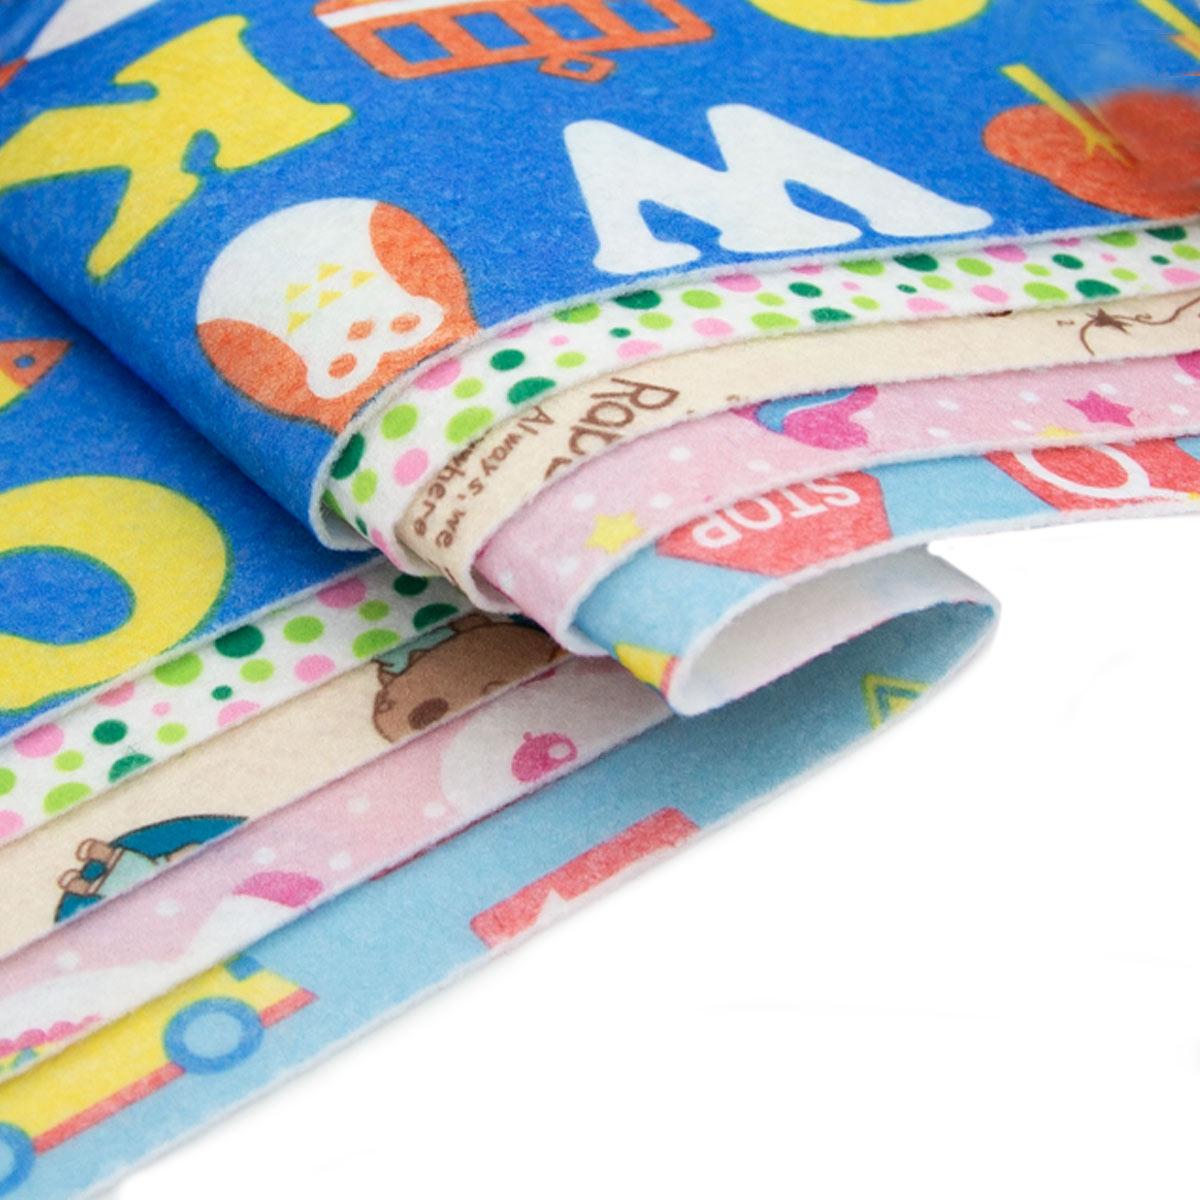 Фетр листовой декоративный 'Дети', ассорти, 1 мм, 180 гр, 20*27 см + 3 см тех. кромка, упак./5 шт., 'Астра'